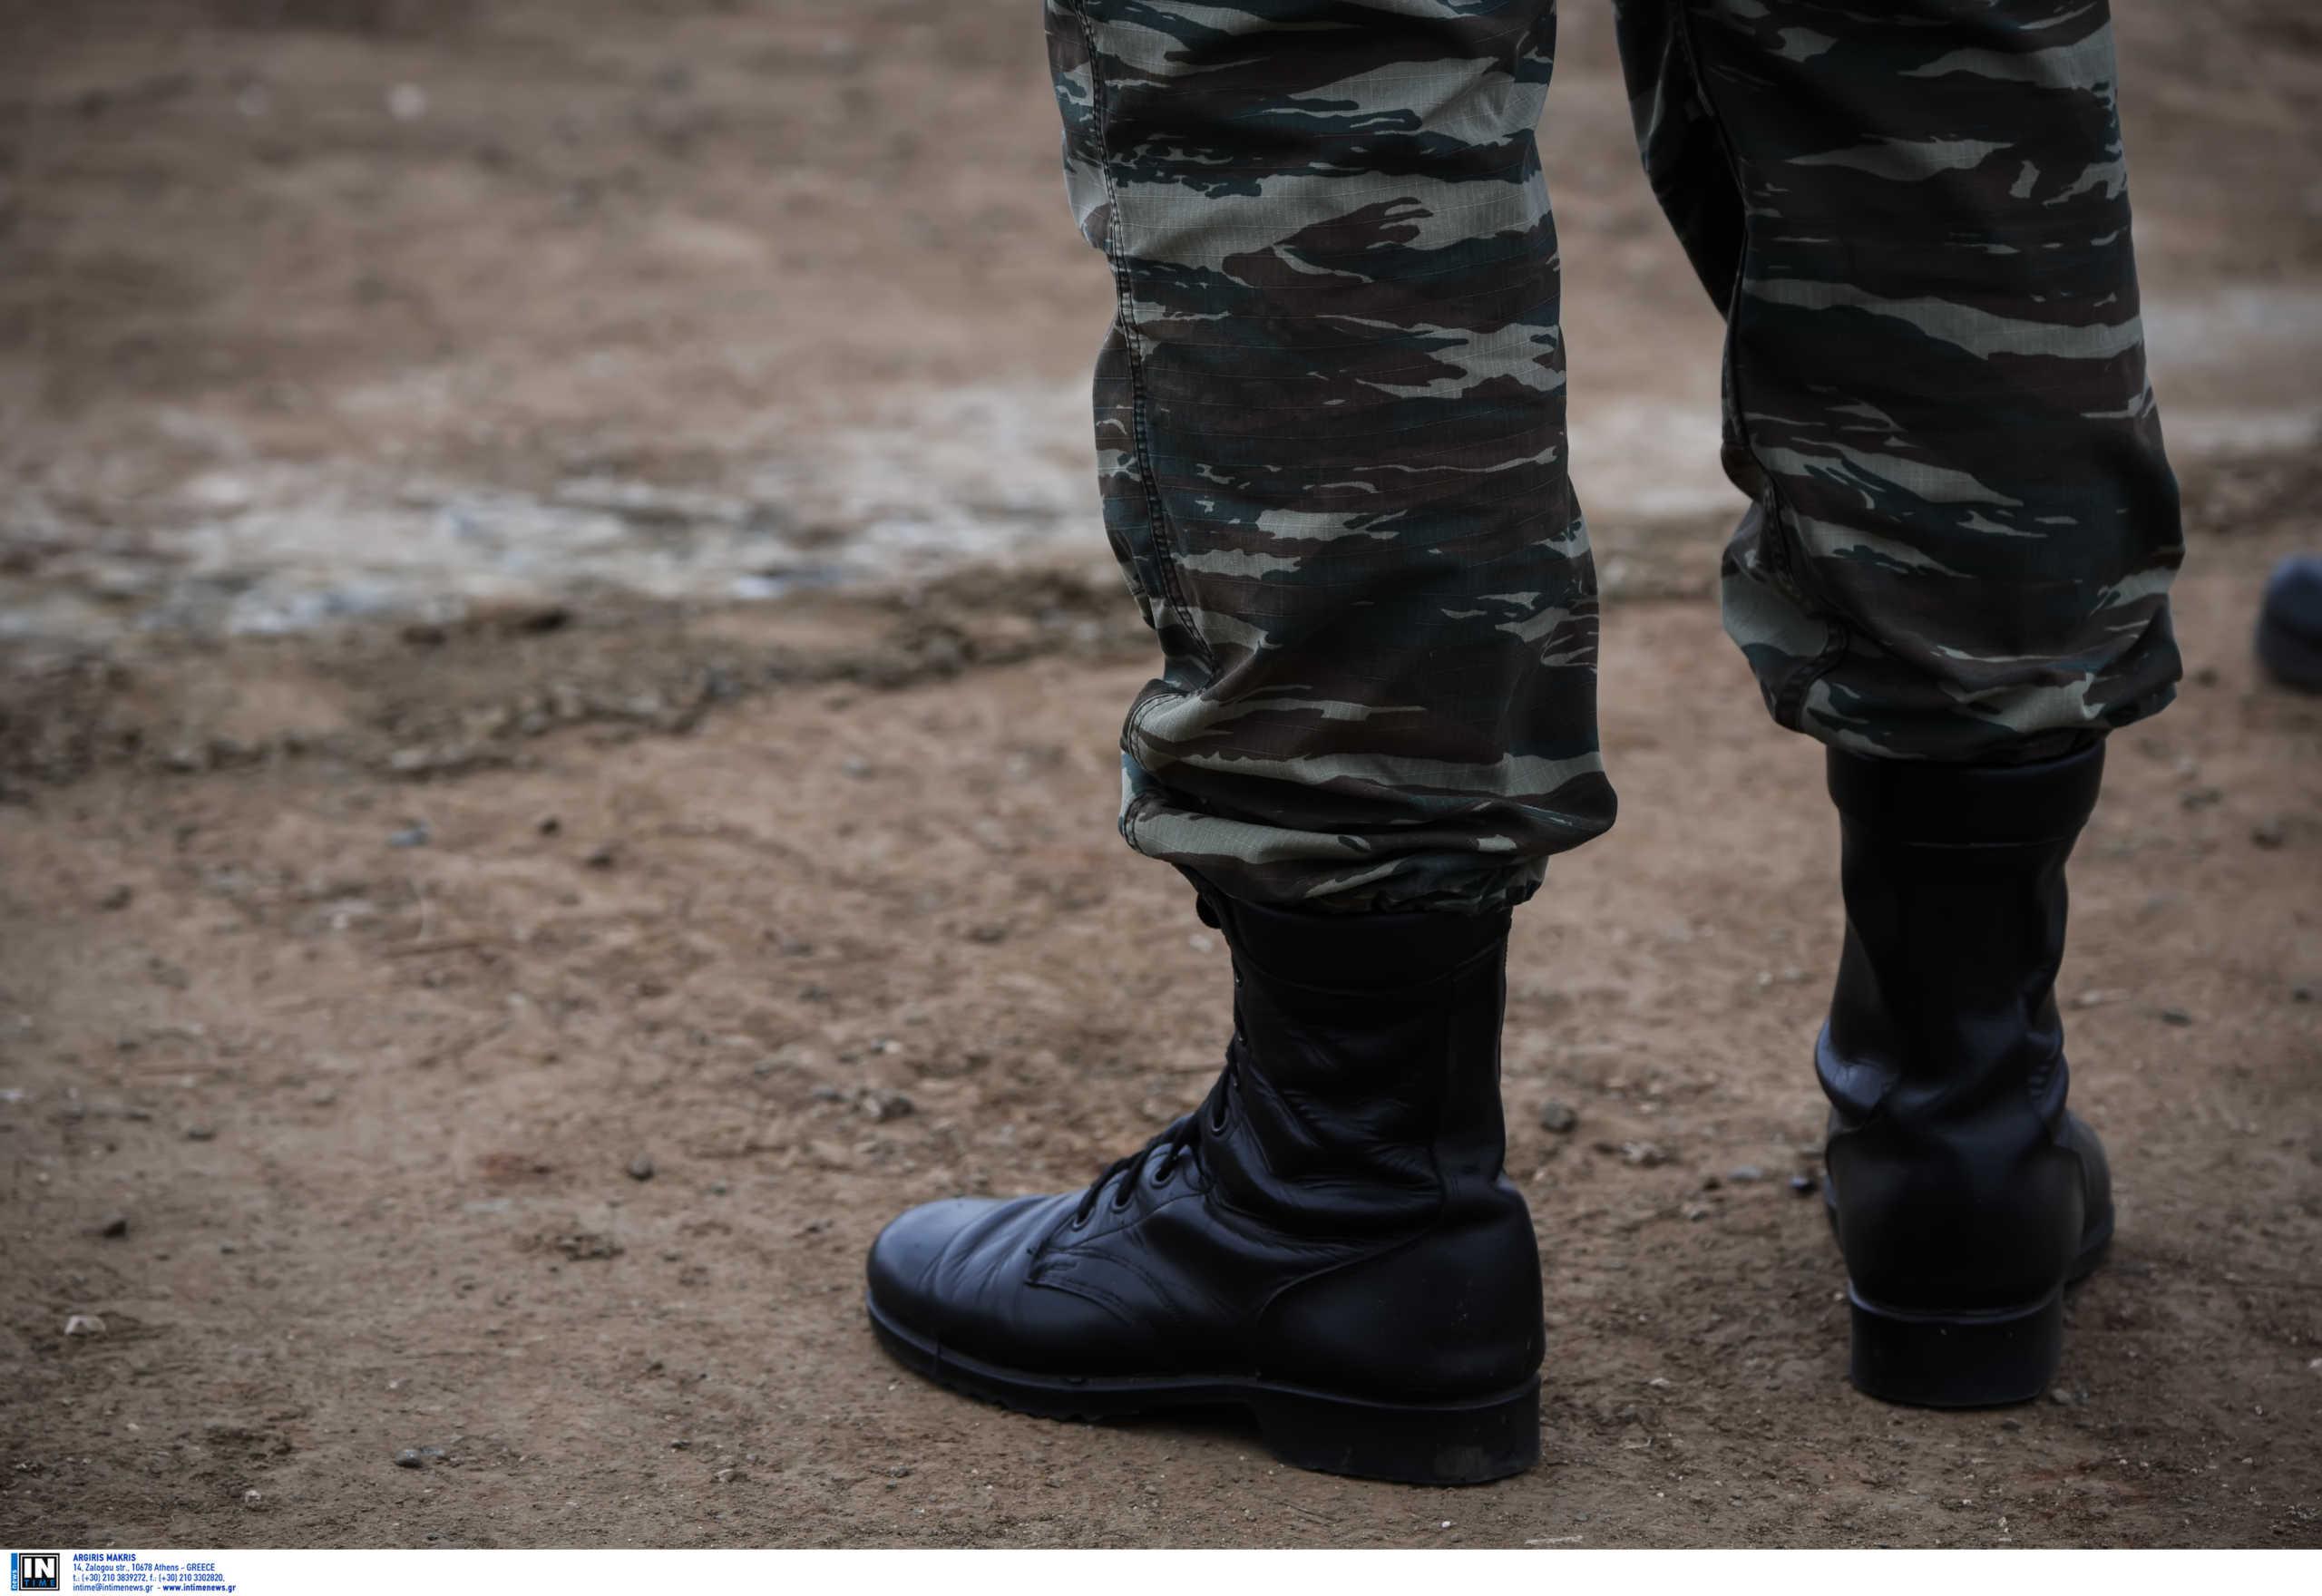 Έρχονται αλλαγές στη στρατιωτική θητεία – Τι εξήγγειλε ο πρωθυπουργός